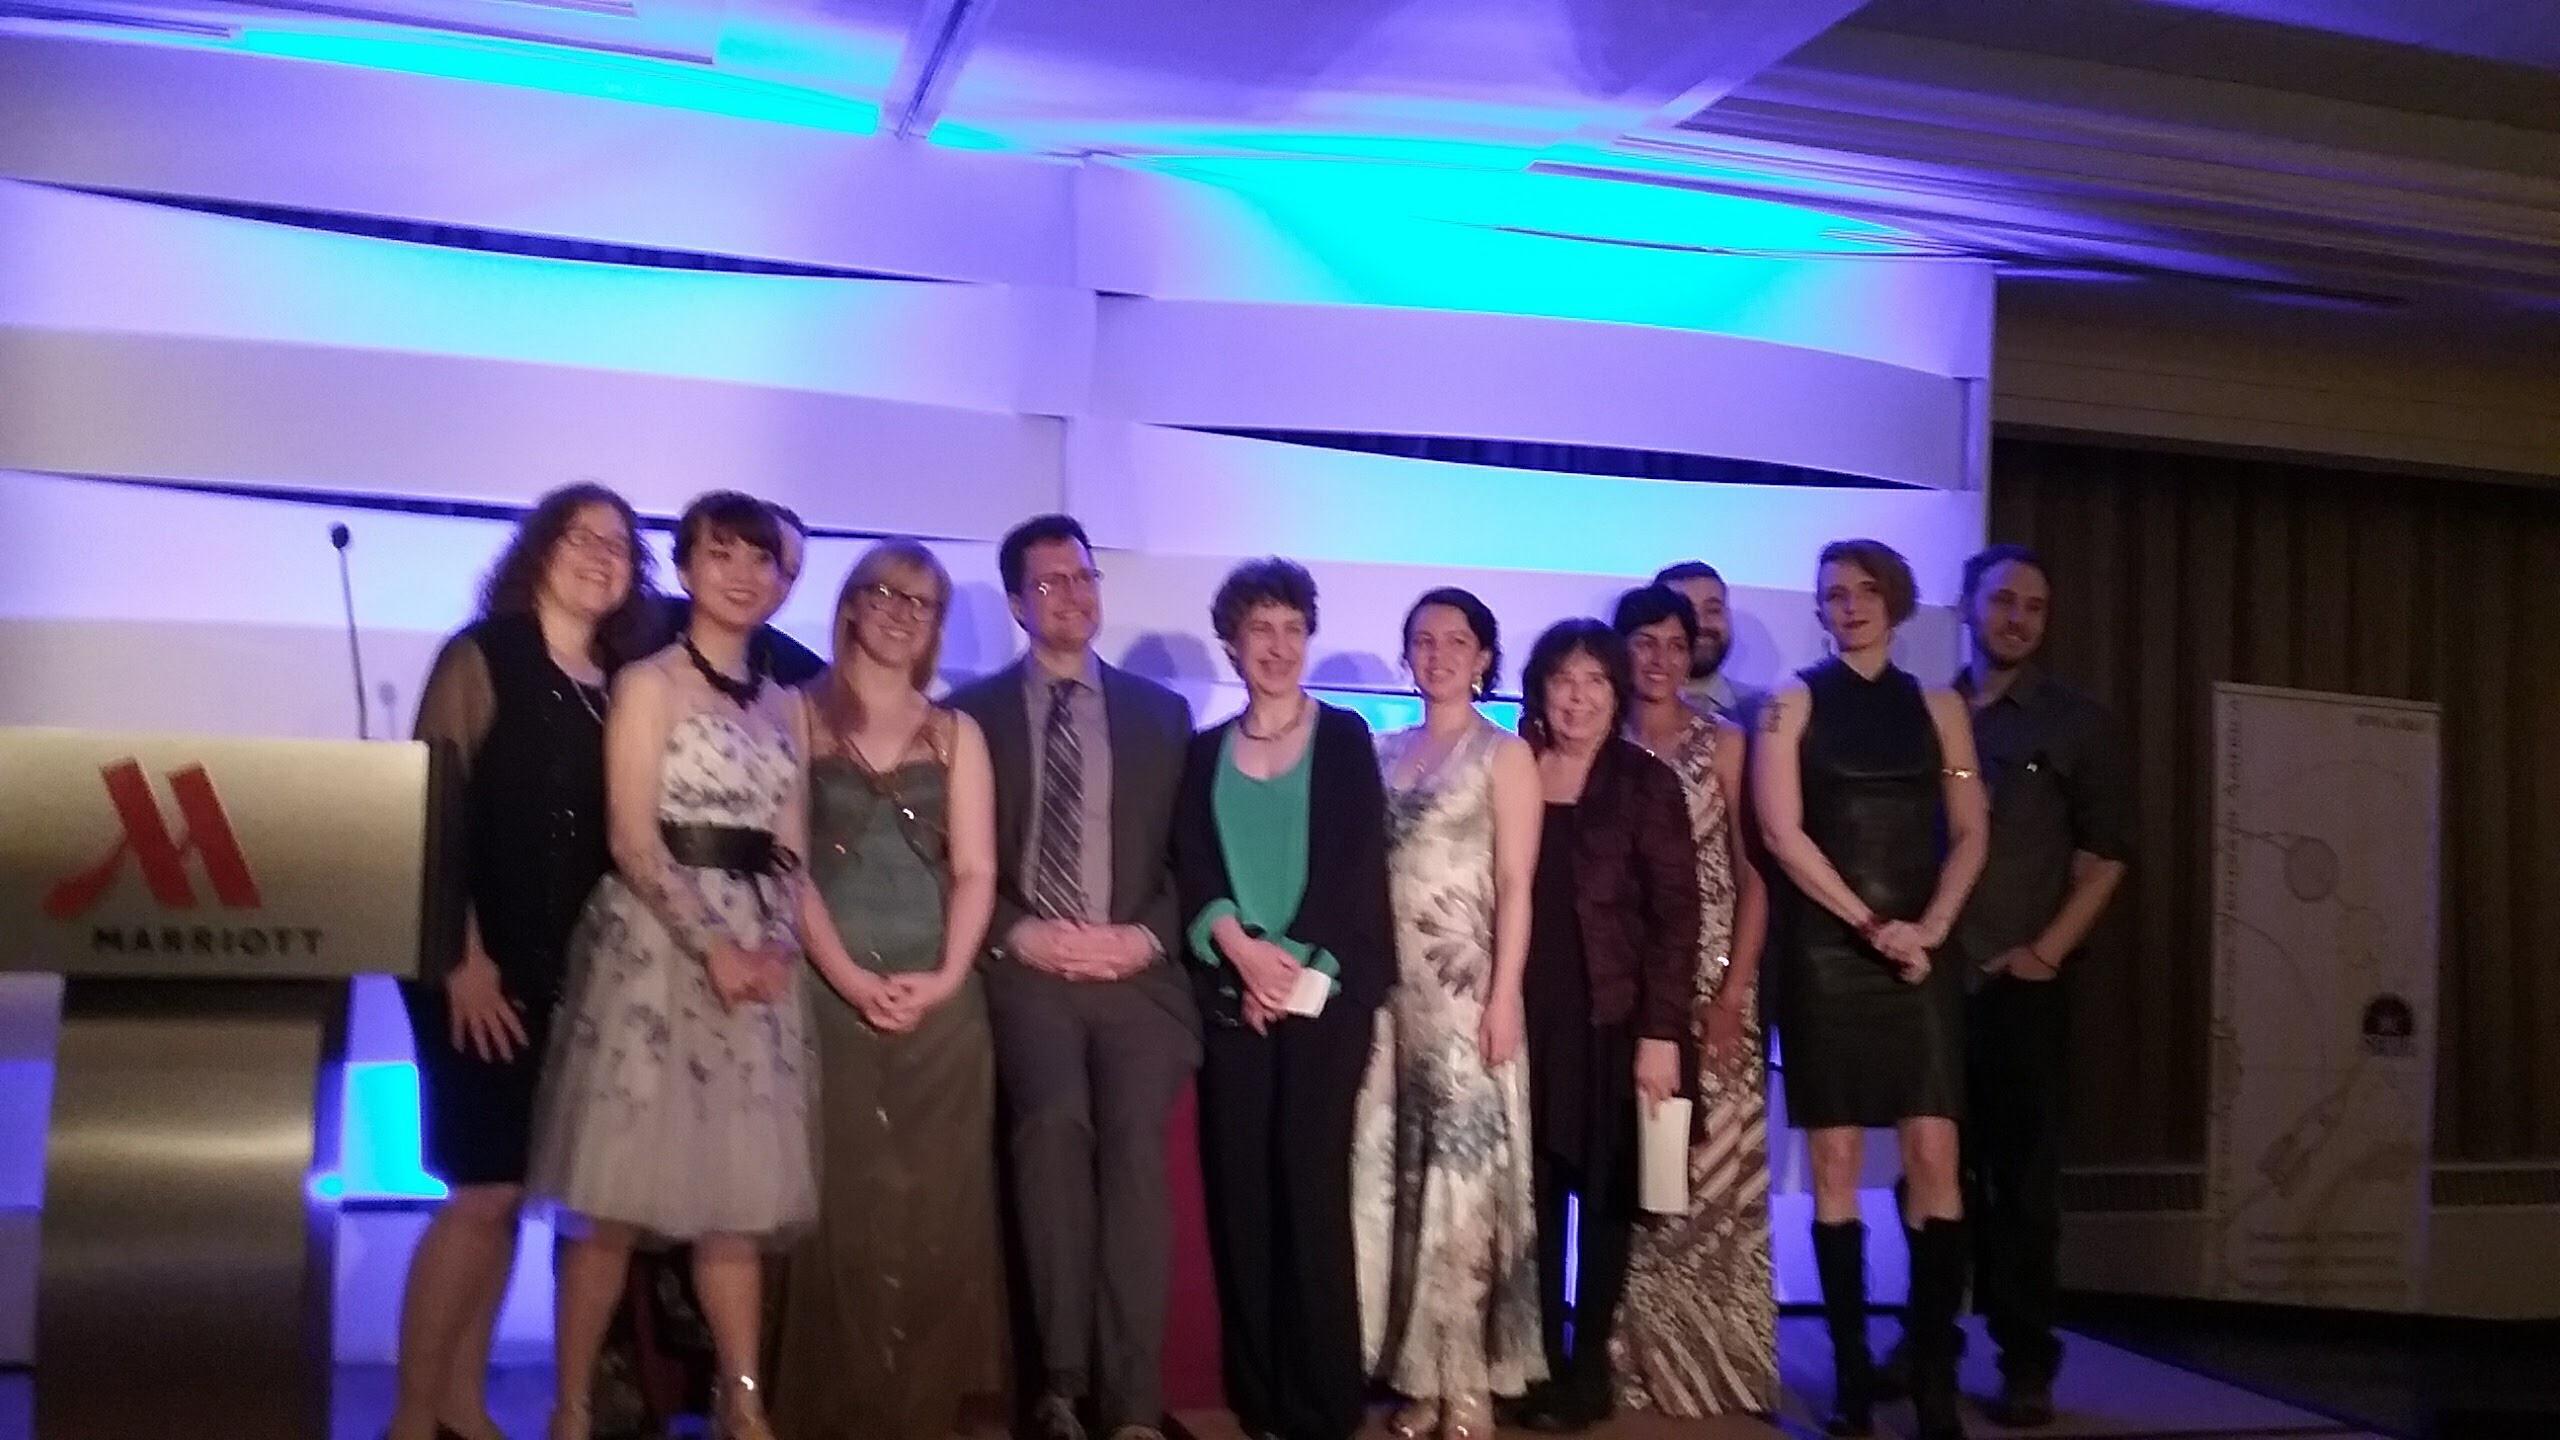 alternate universe. ebula Award winners